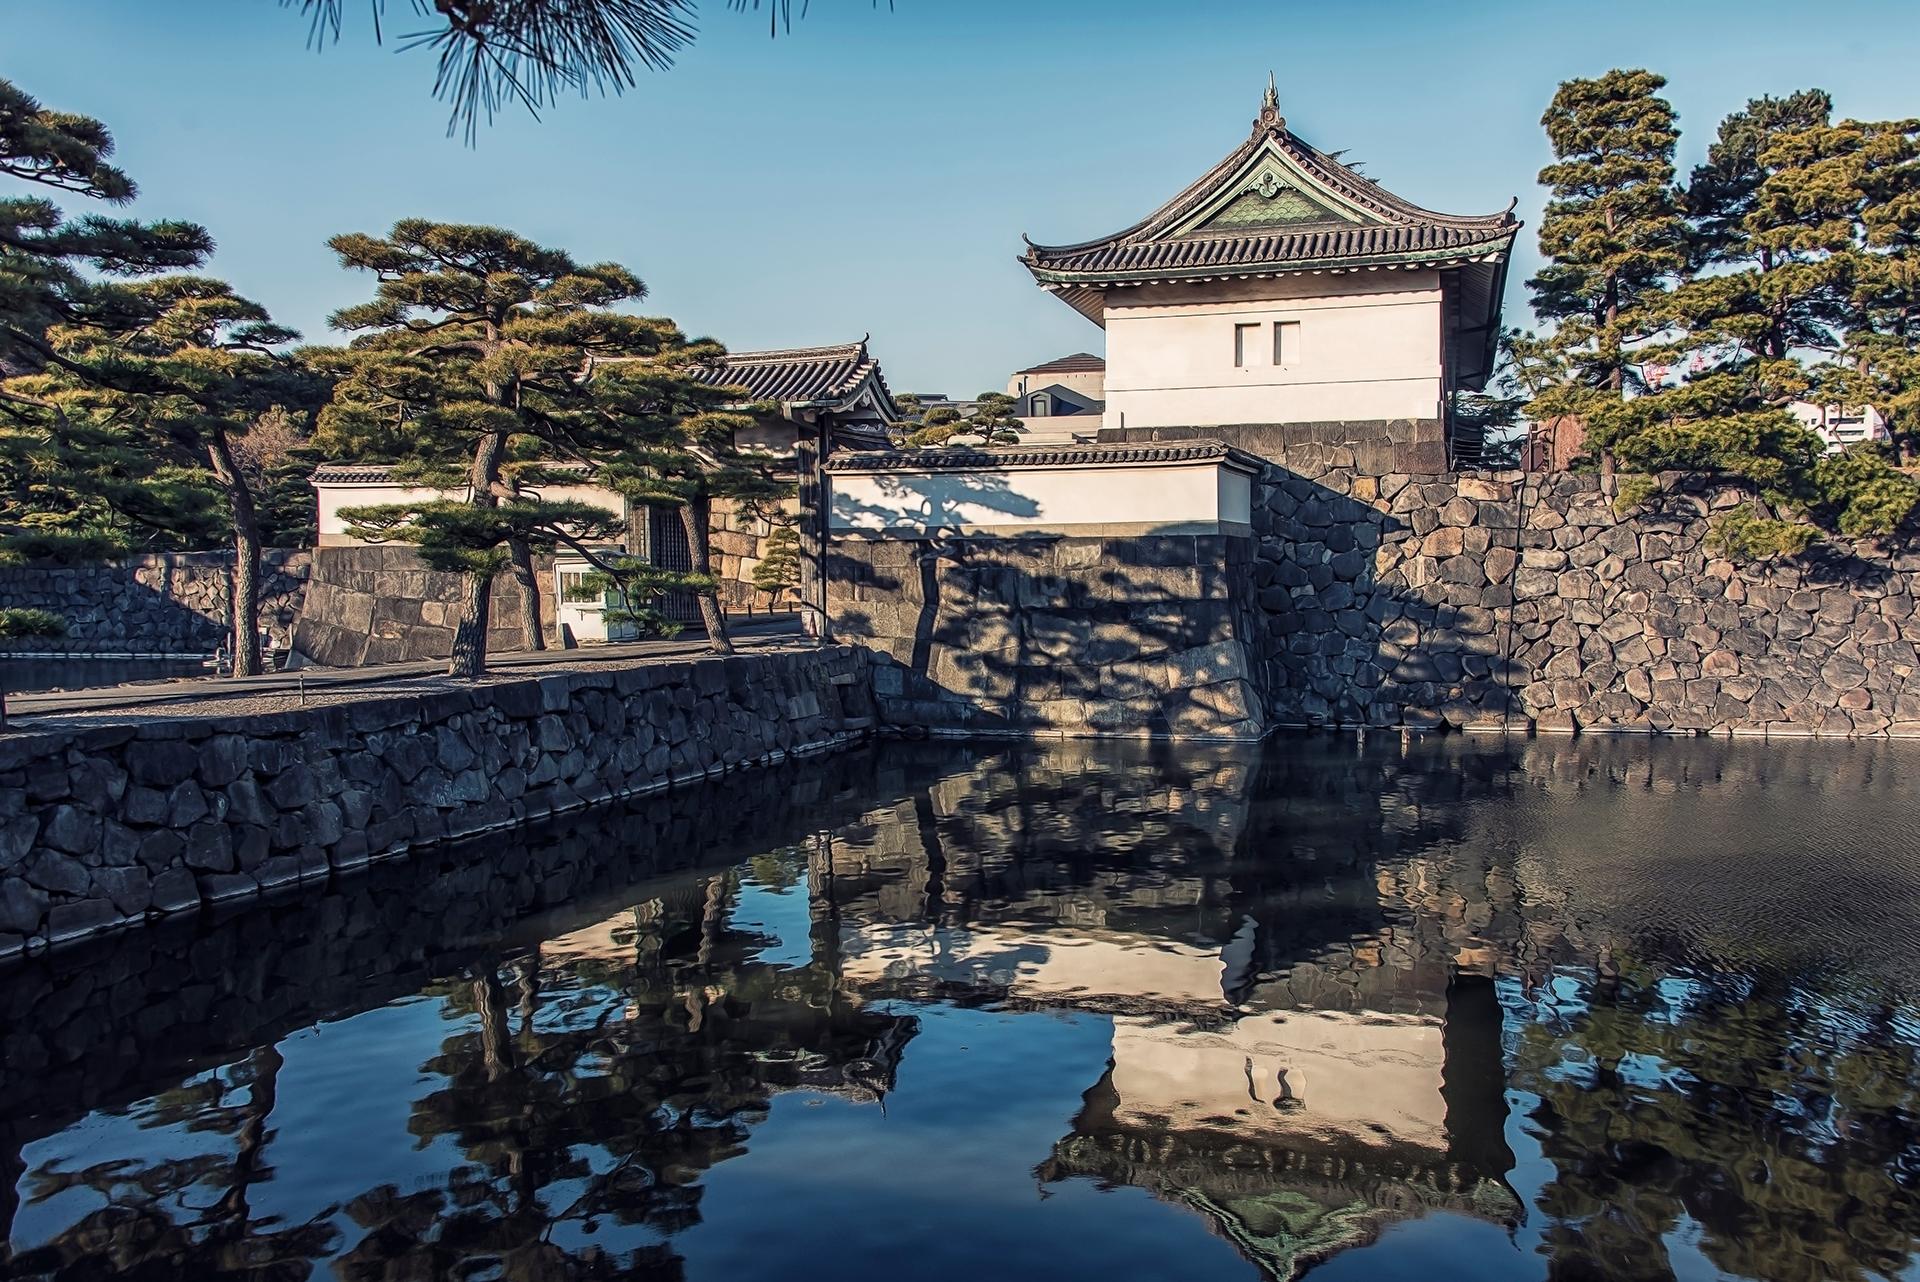 El recinto está protegido por amplios fosos y gruesas murallas y rodeado de jardines cuidados con gran esmero, cuya serenidad y frondosidad suponen un marcado contraste con el acero y el vidrio de los modernos edificios de oficinas del centro de Tokio